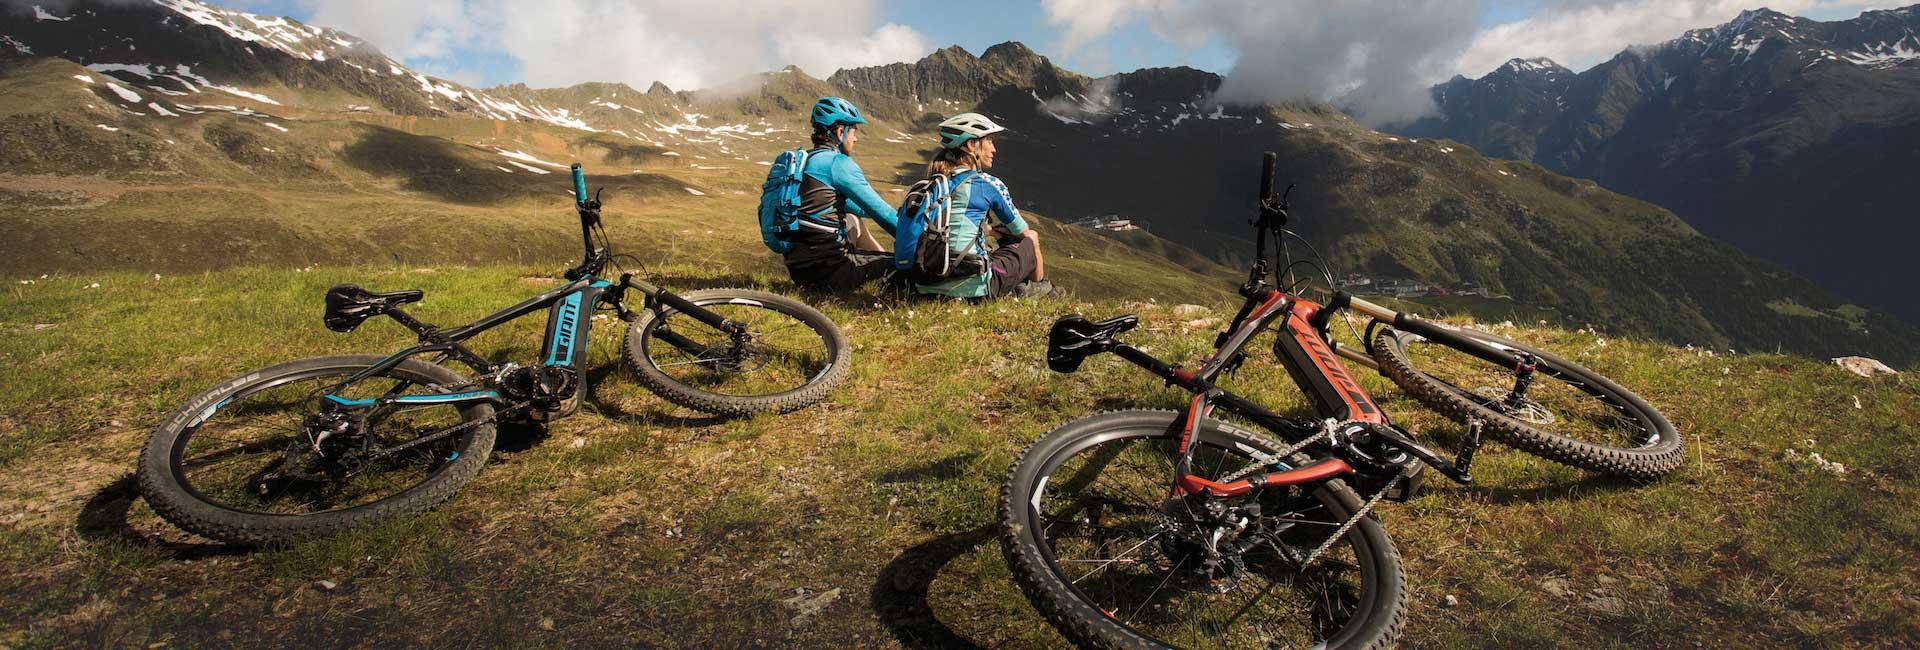 Rental prices for mountain bikes, e-bikes, road bikes - bicycles